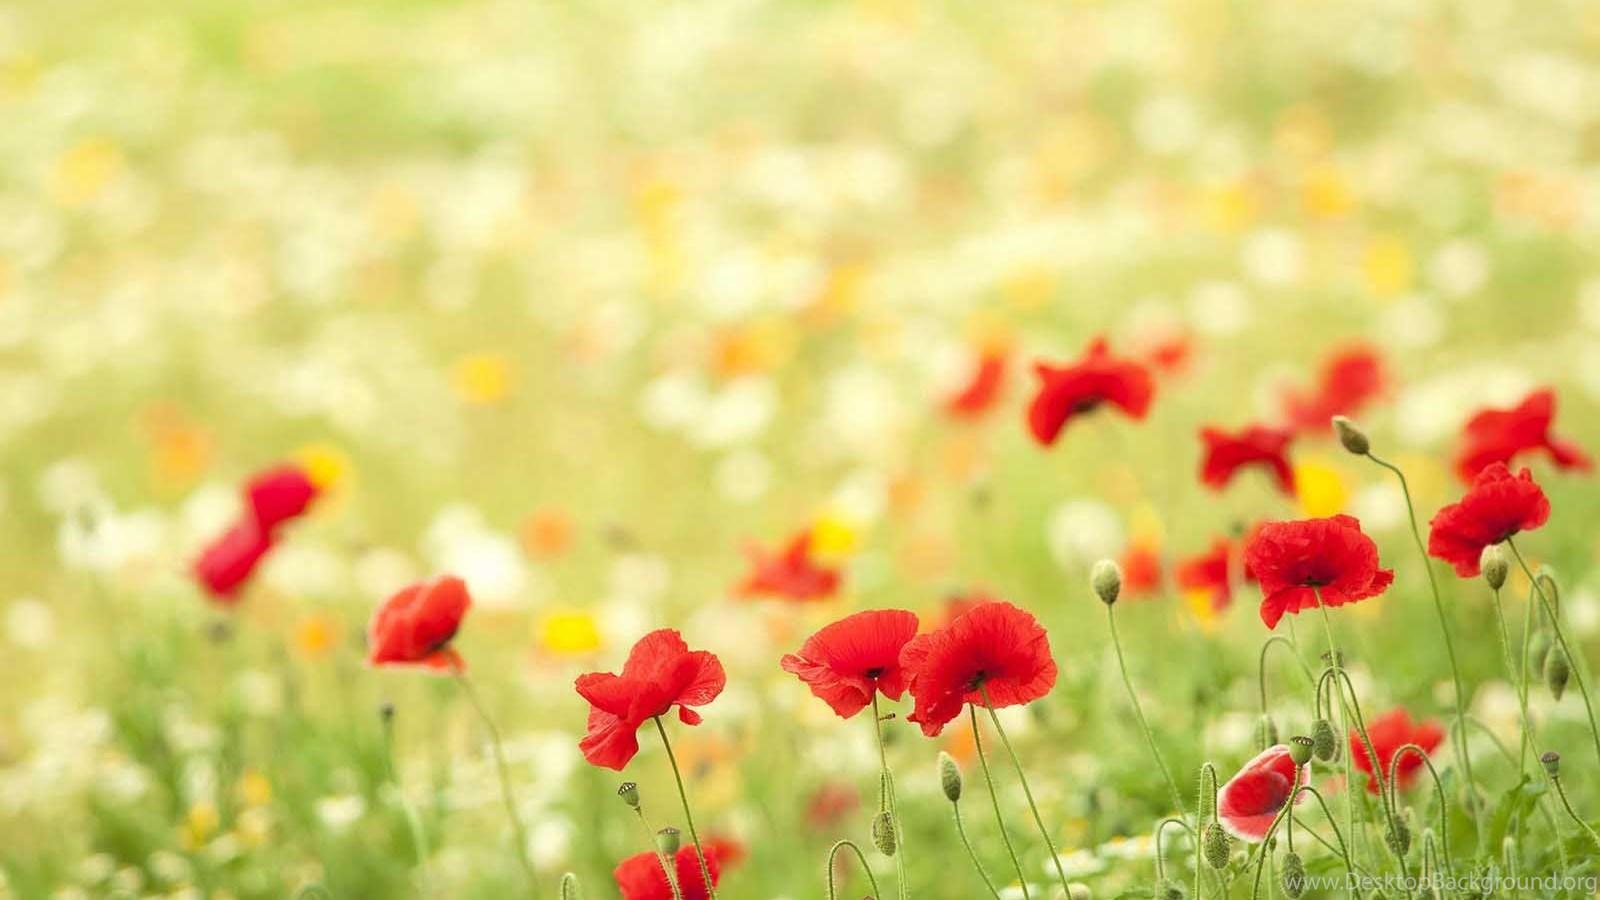 beautiful flower scenery hd wallpapers for desktop desktop background